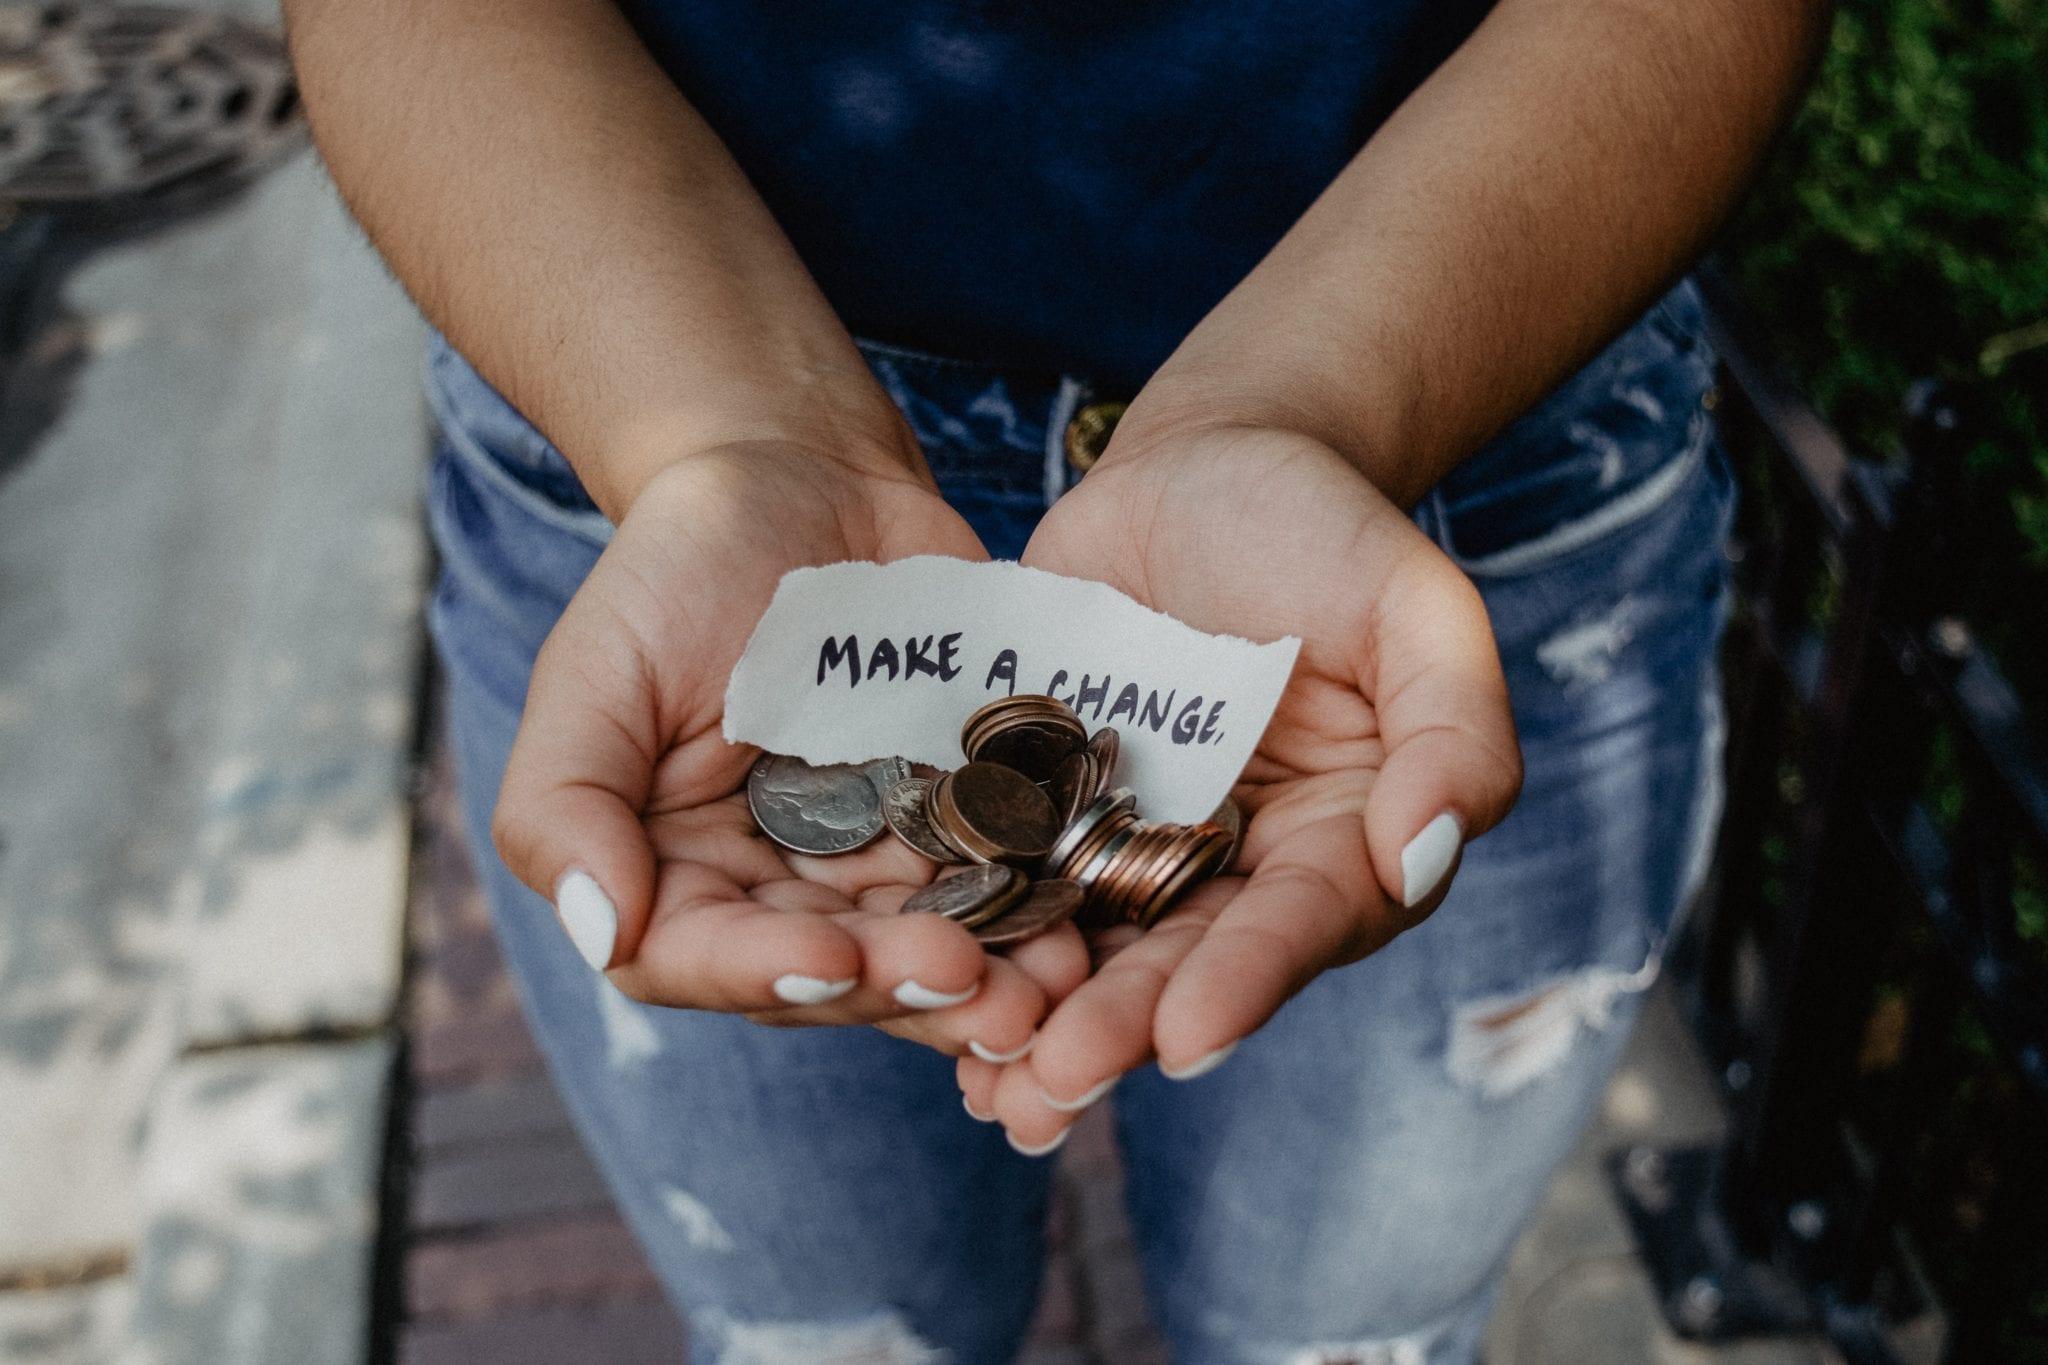 8 Ideeën voor de cultivering van donoren in de follow-up van een liefdadigheidsevenement